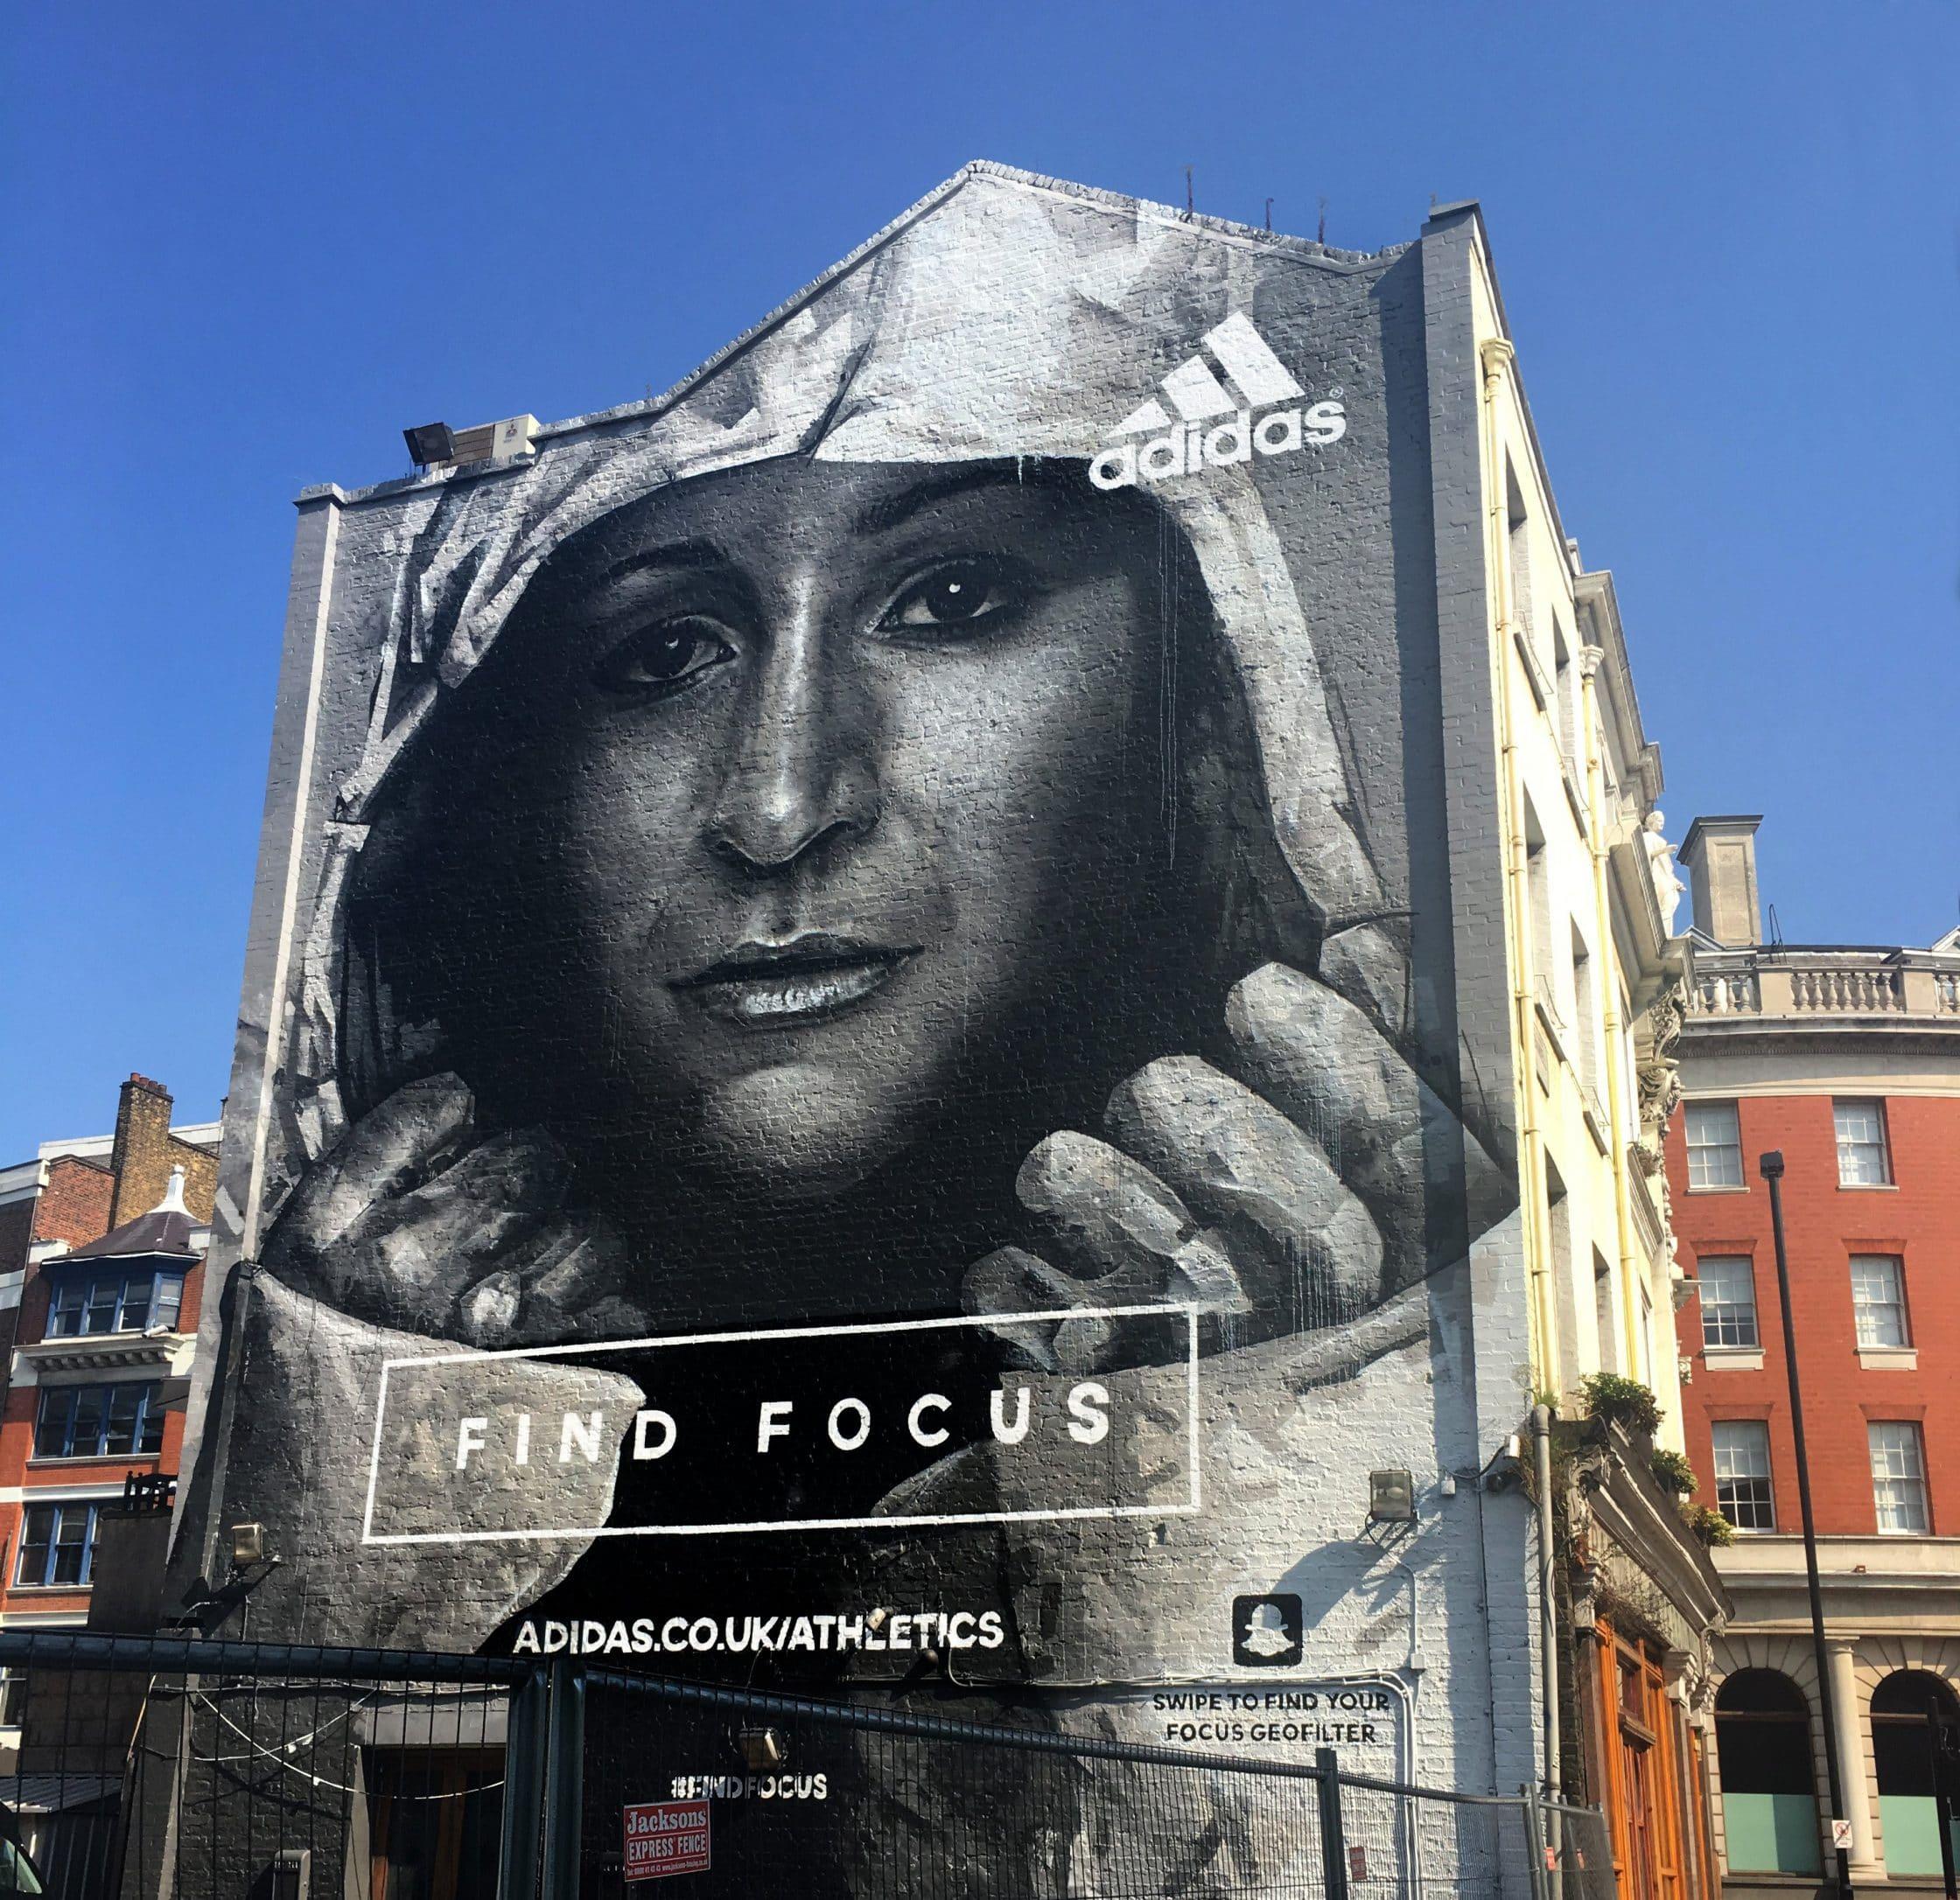 Building art advertising Adidas 'Find Focus'.